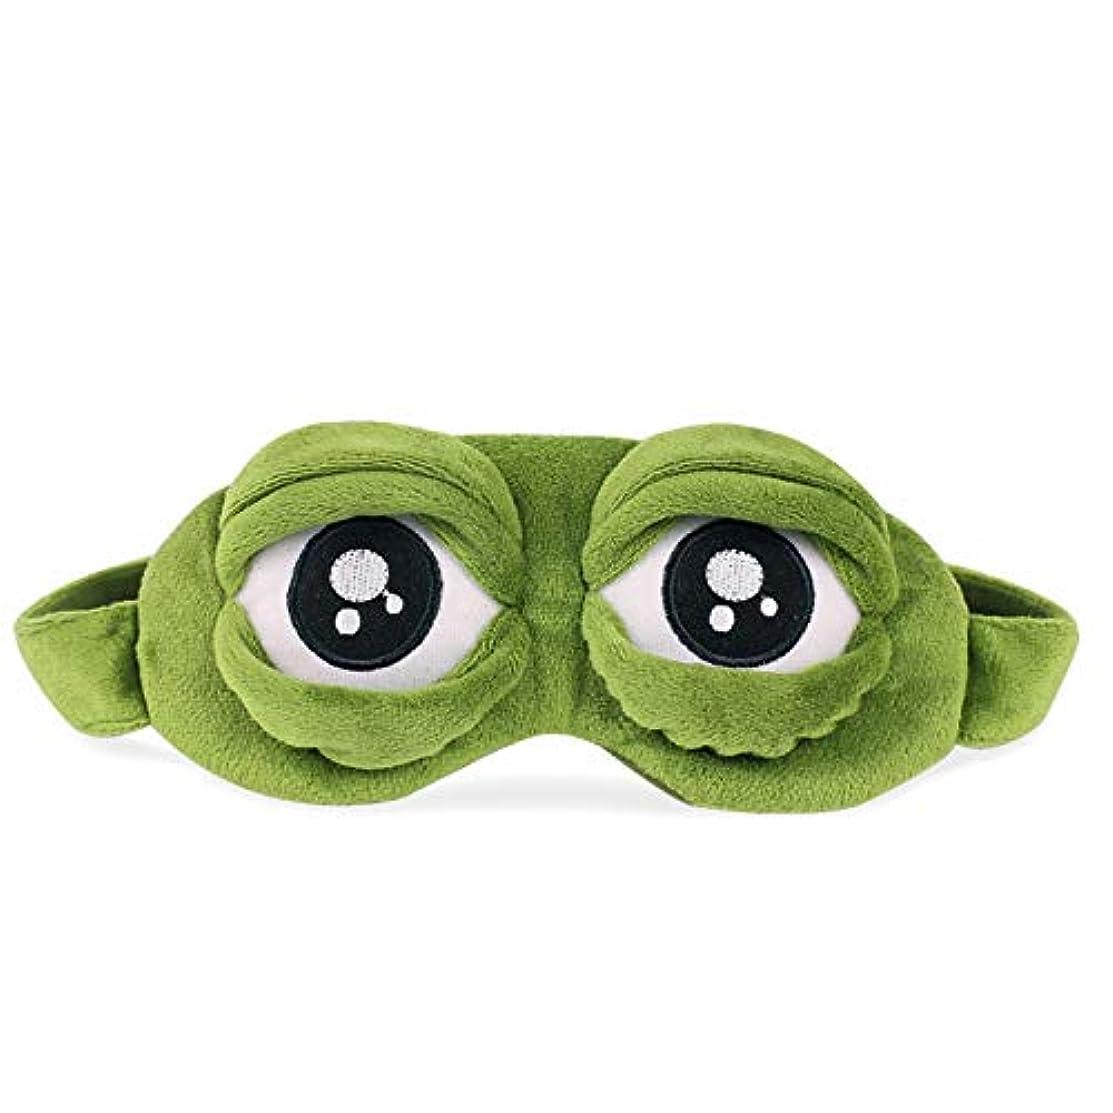 純粋にキリストチャップNOTE 悲しいカエルグリーン用ガールフレンドギフト悲しいカエル3dアイマスクソフトスリーピング面白いコスプレおもちゃ眠れる森の美女ゴーグル